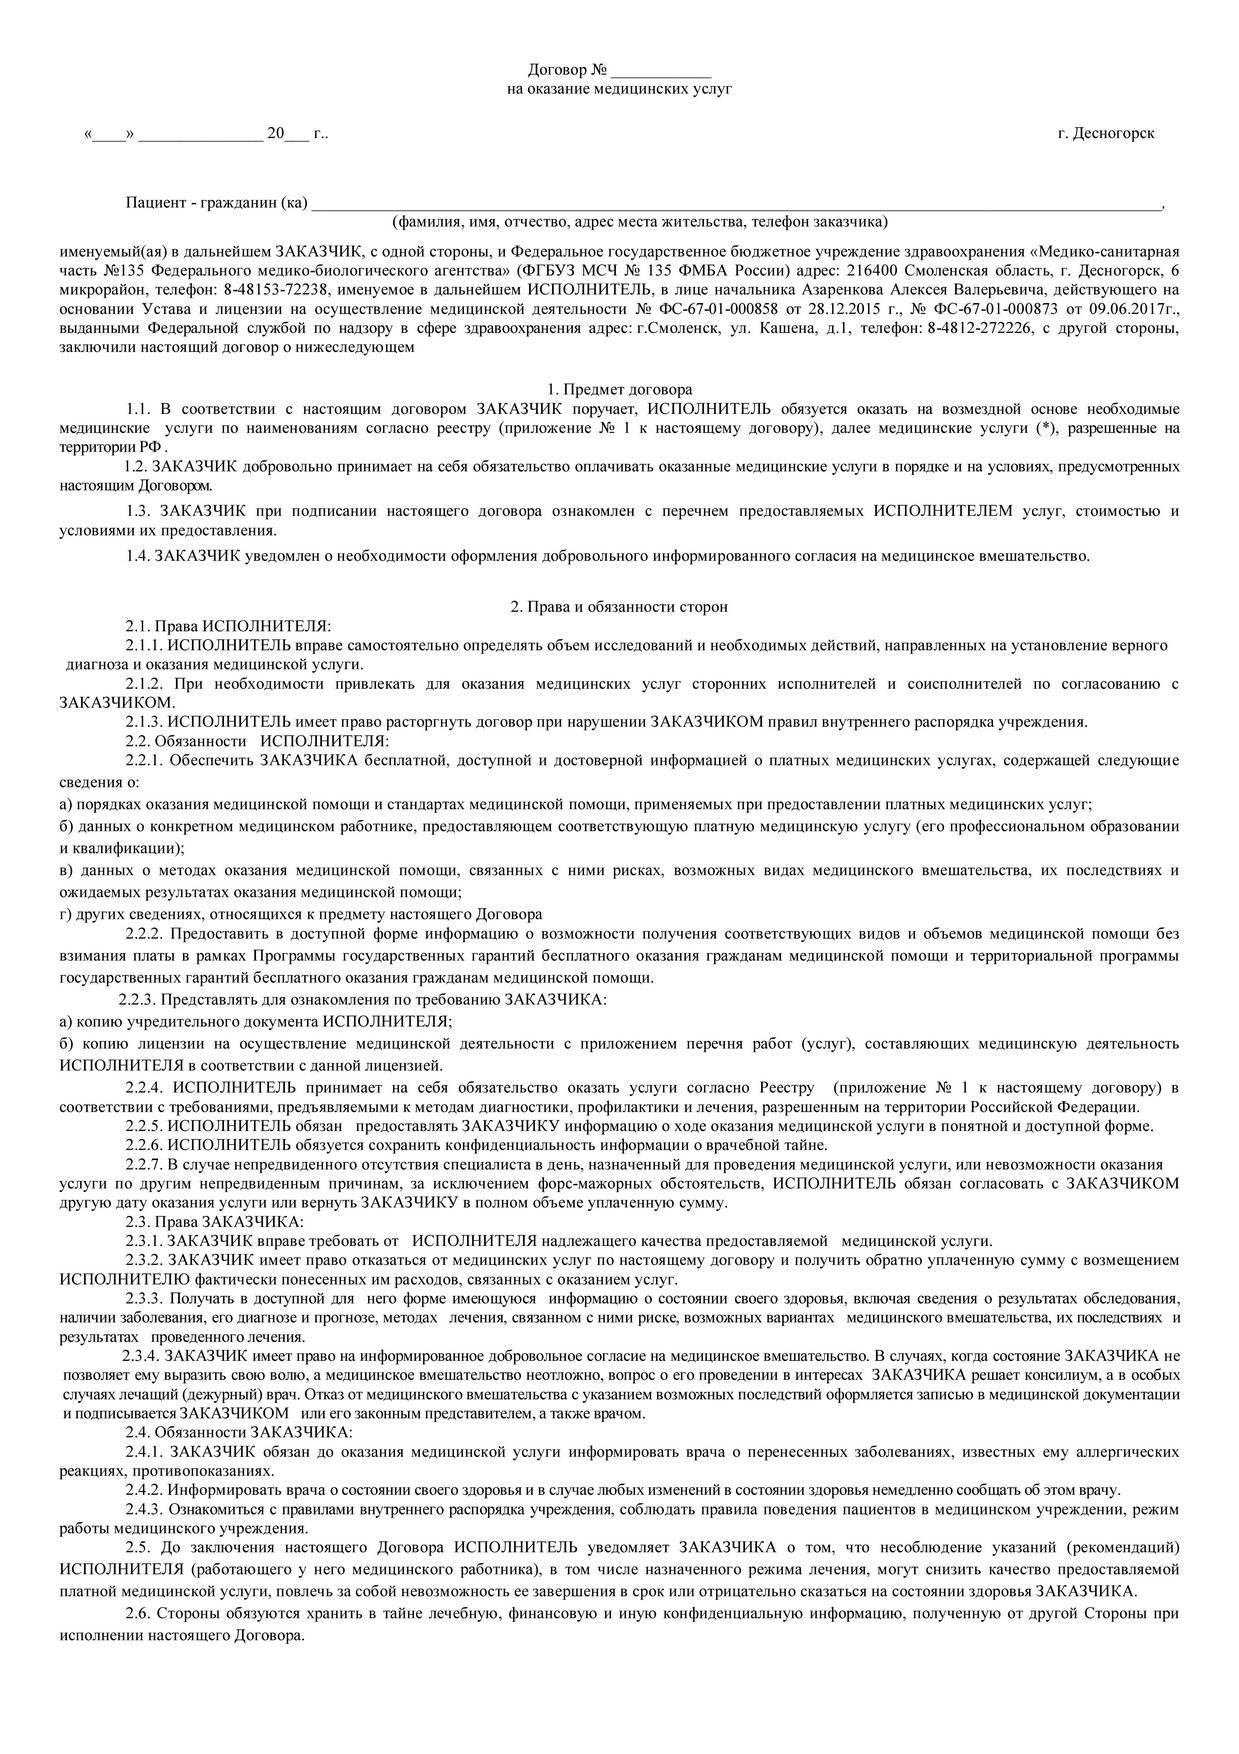 договор оказания медицинских услуг образец 2017